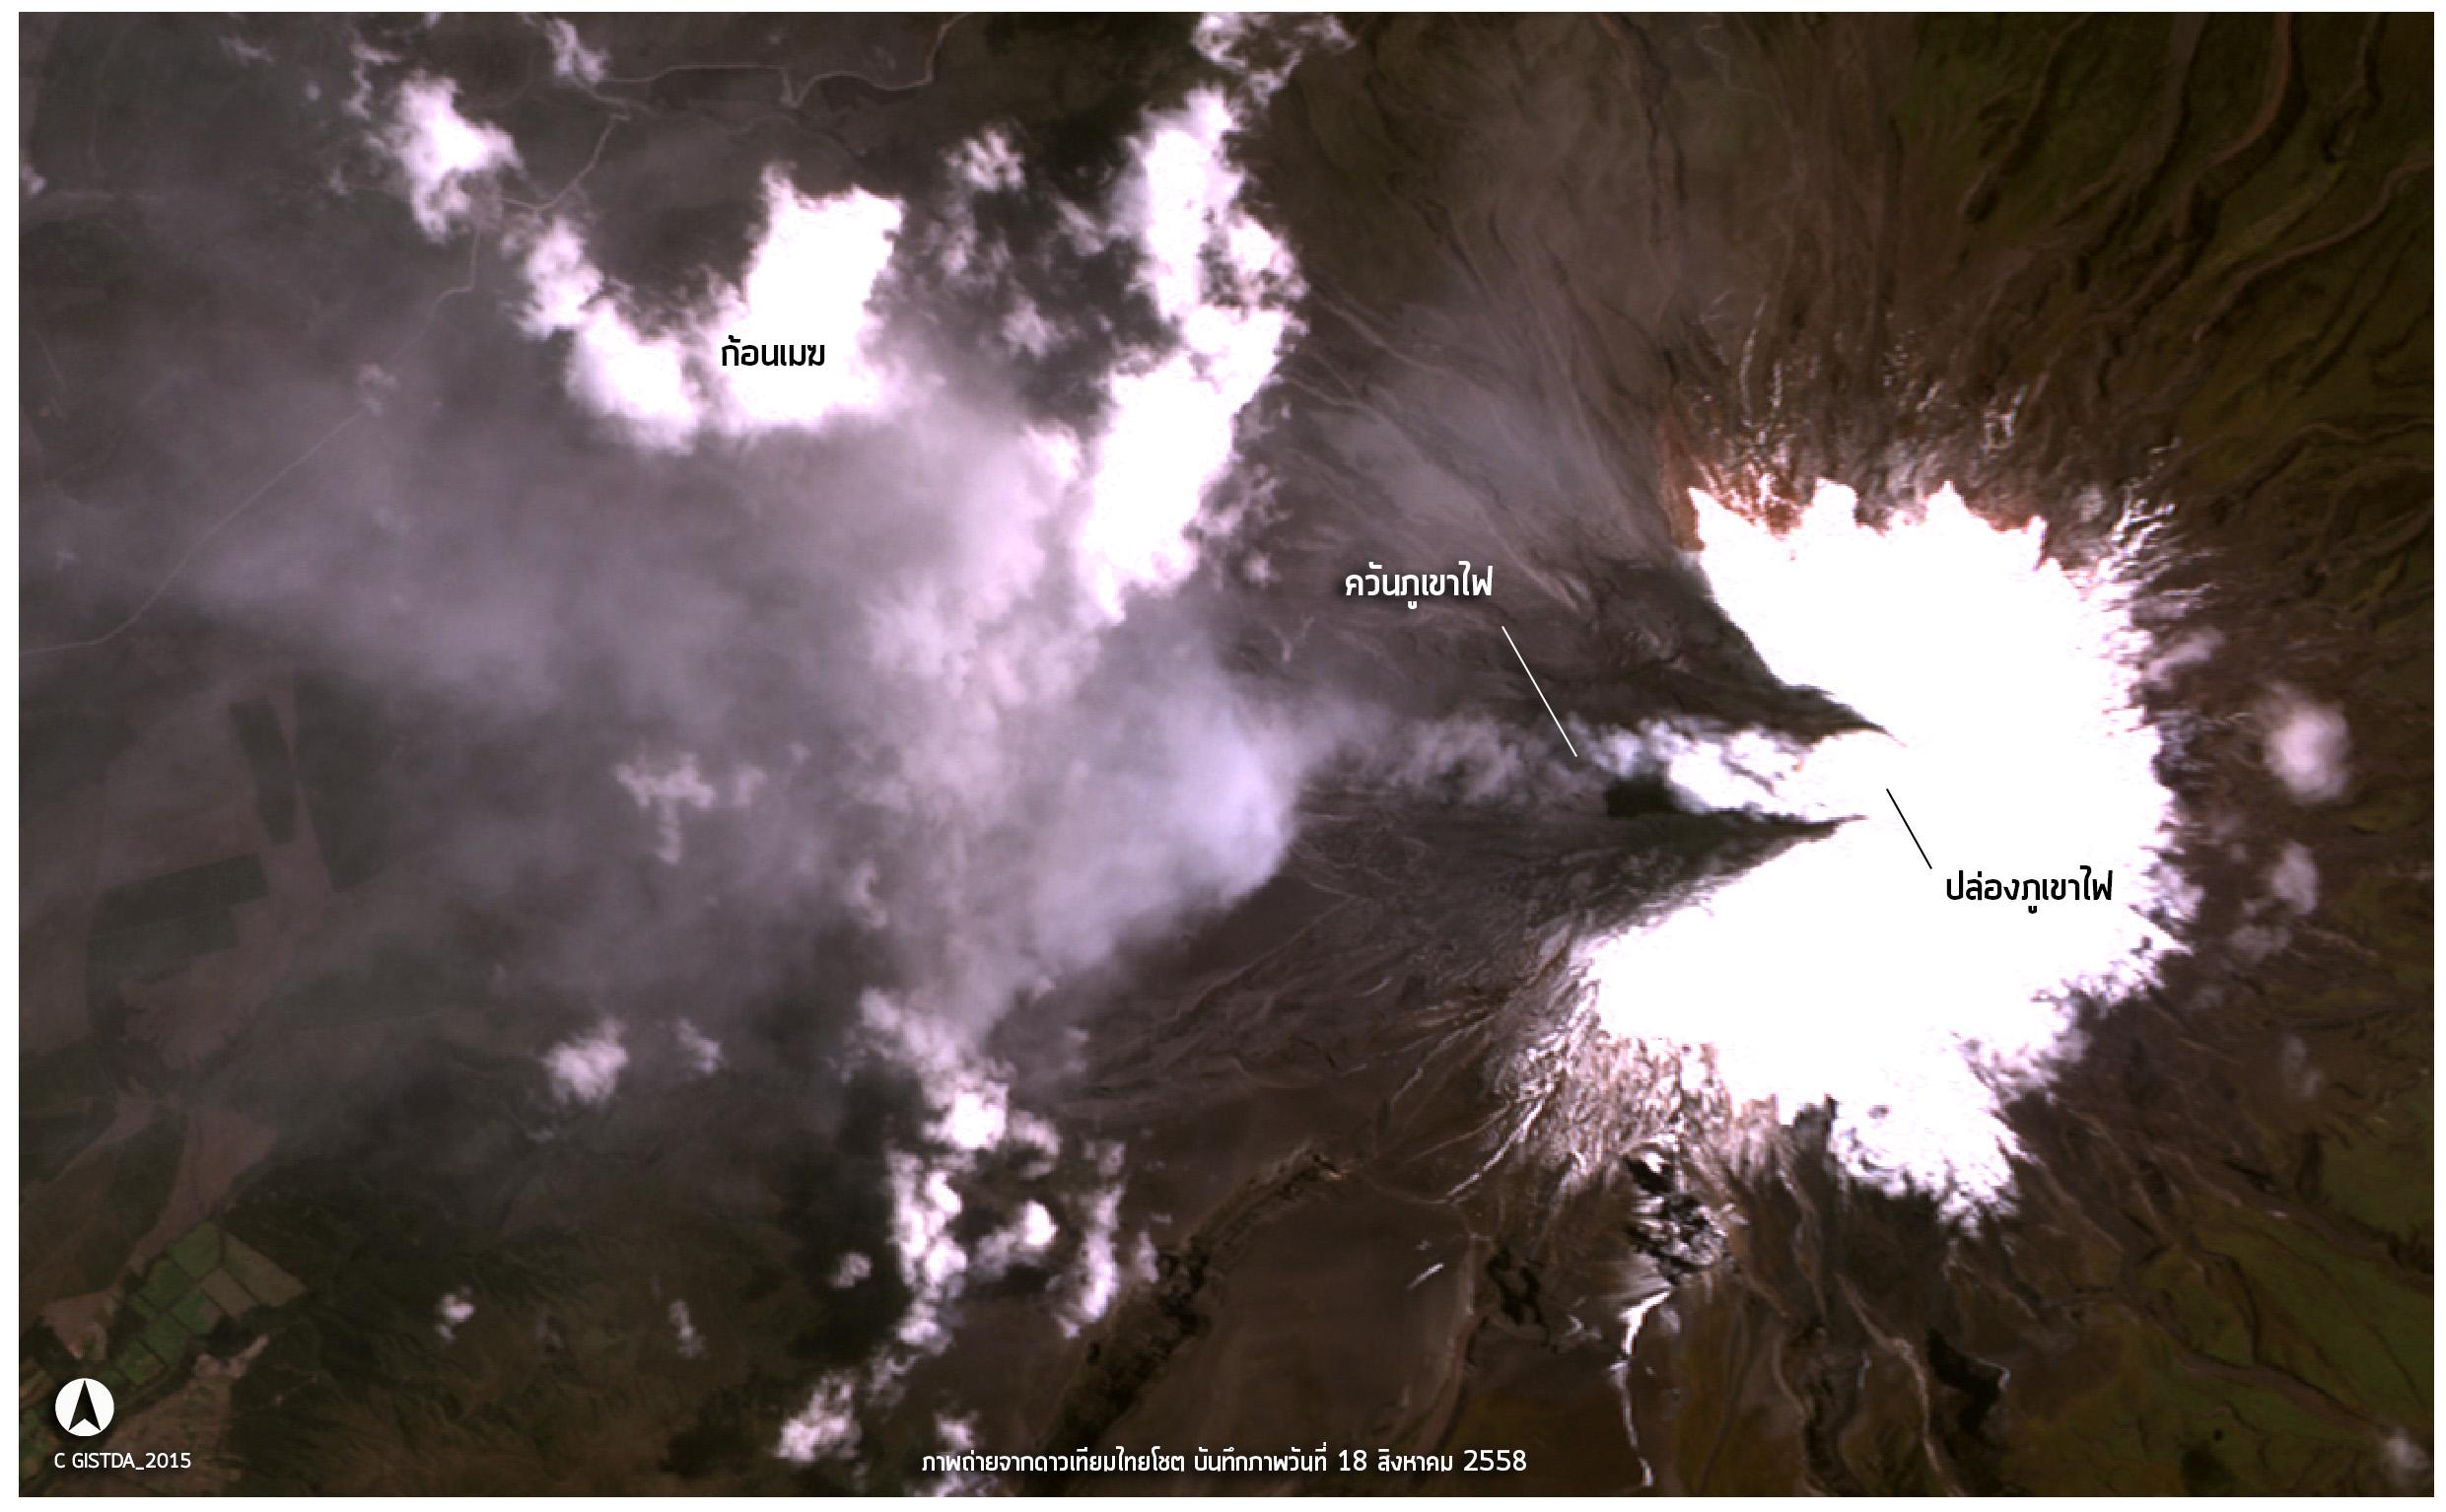 ภาพถ่ายจากดาวเทียมไทยโชต บันทึกภาพวันที่ 18 สิงหาคม 2558